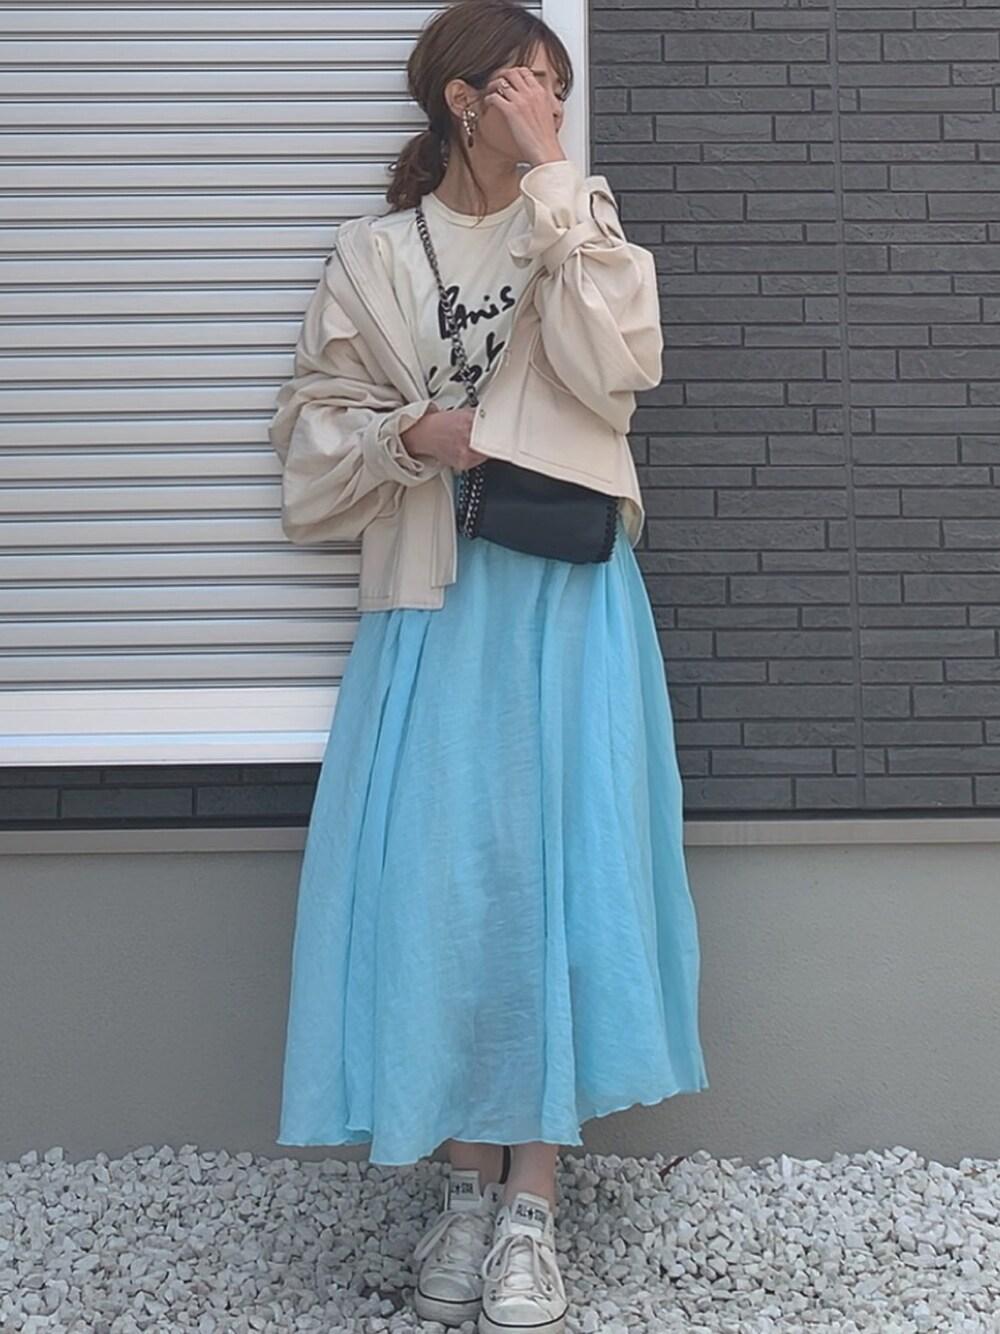 ブルーのロングスカートで涼しげコーデ